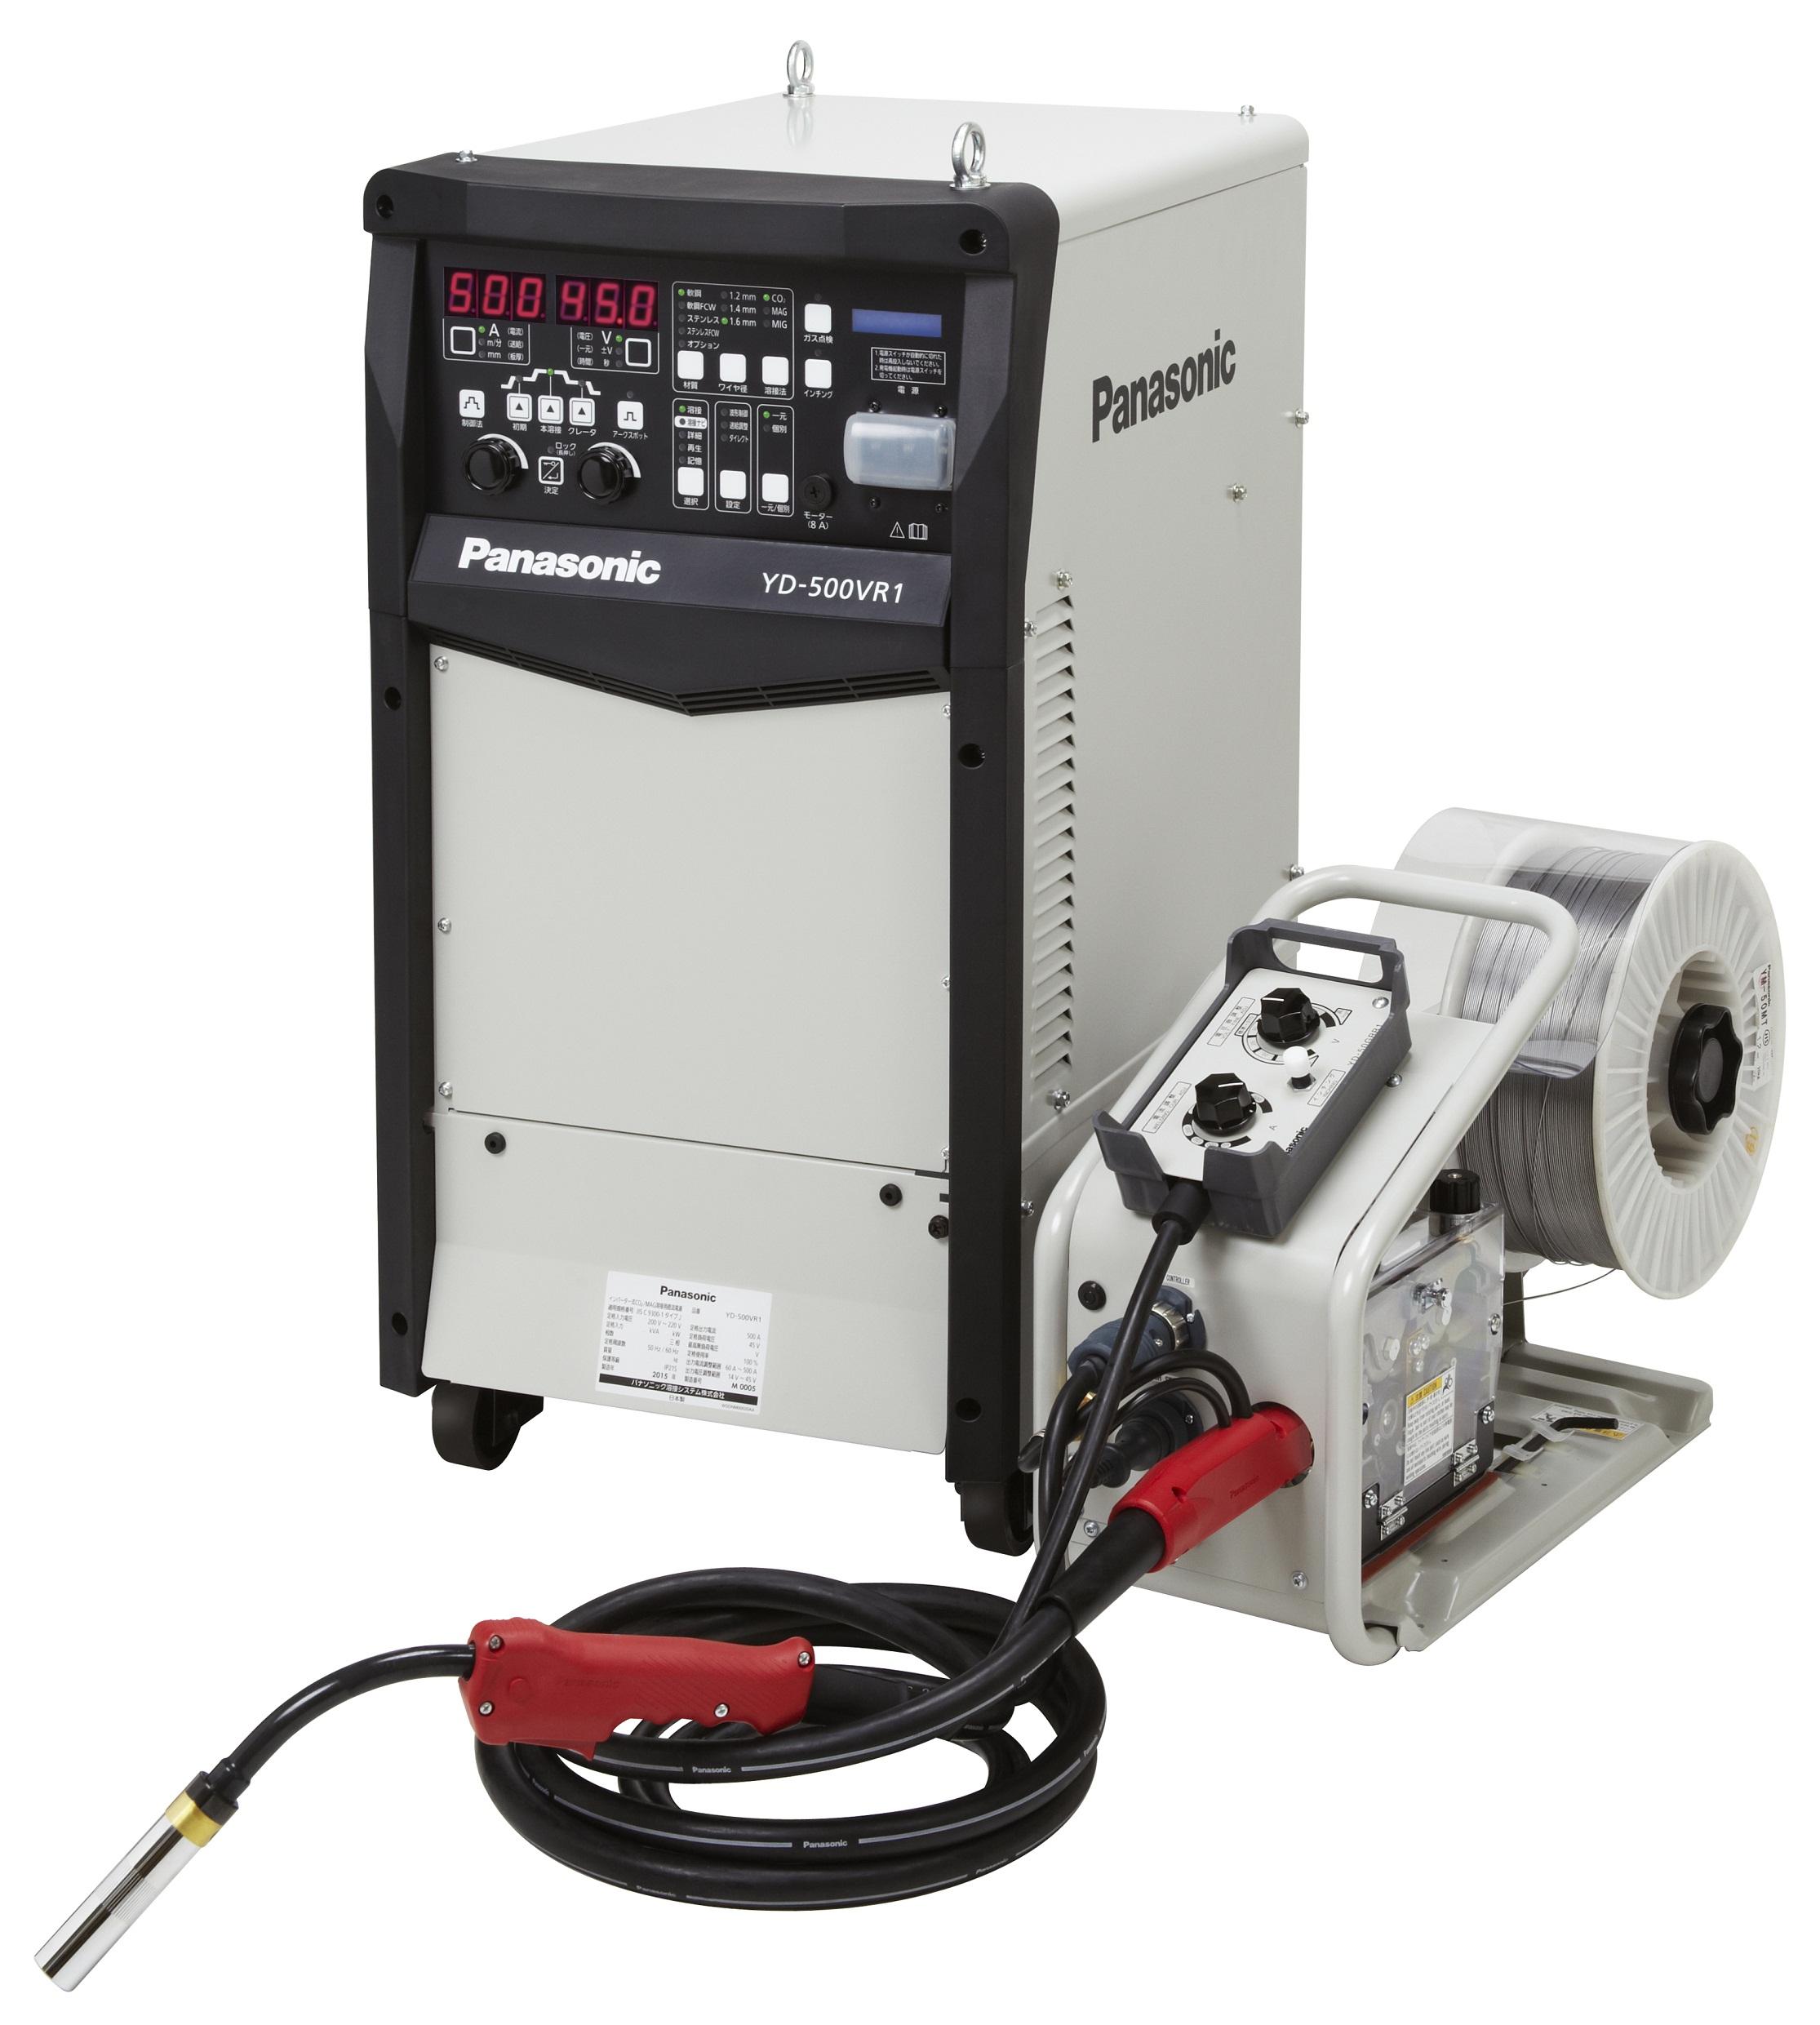 フルデジタル CO2/MAG溶接機 YD-500VR1 発売